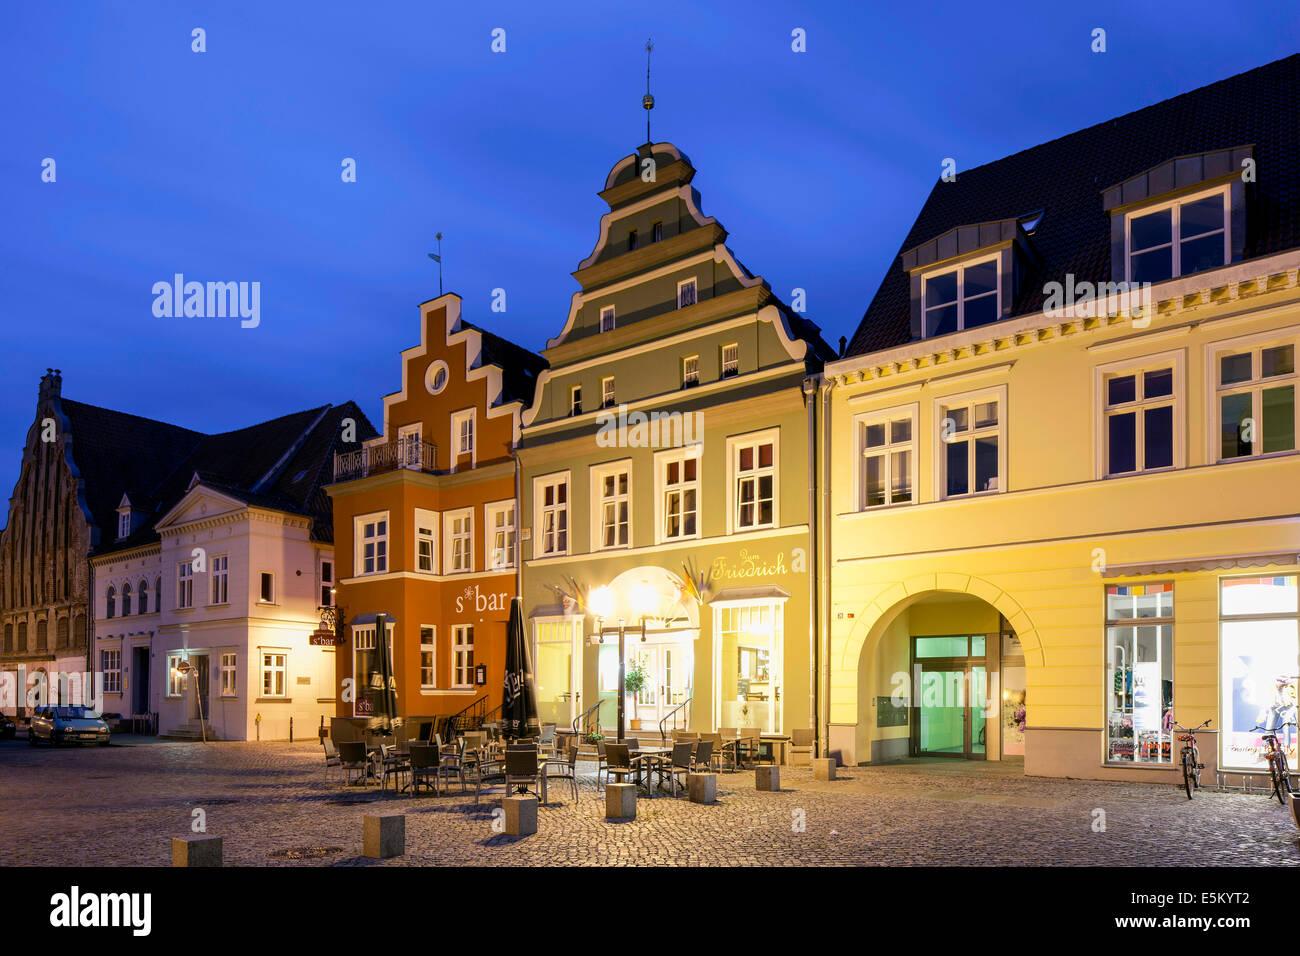 Whore aus Greifswald, Hansestadt